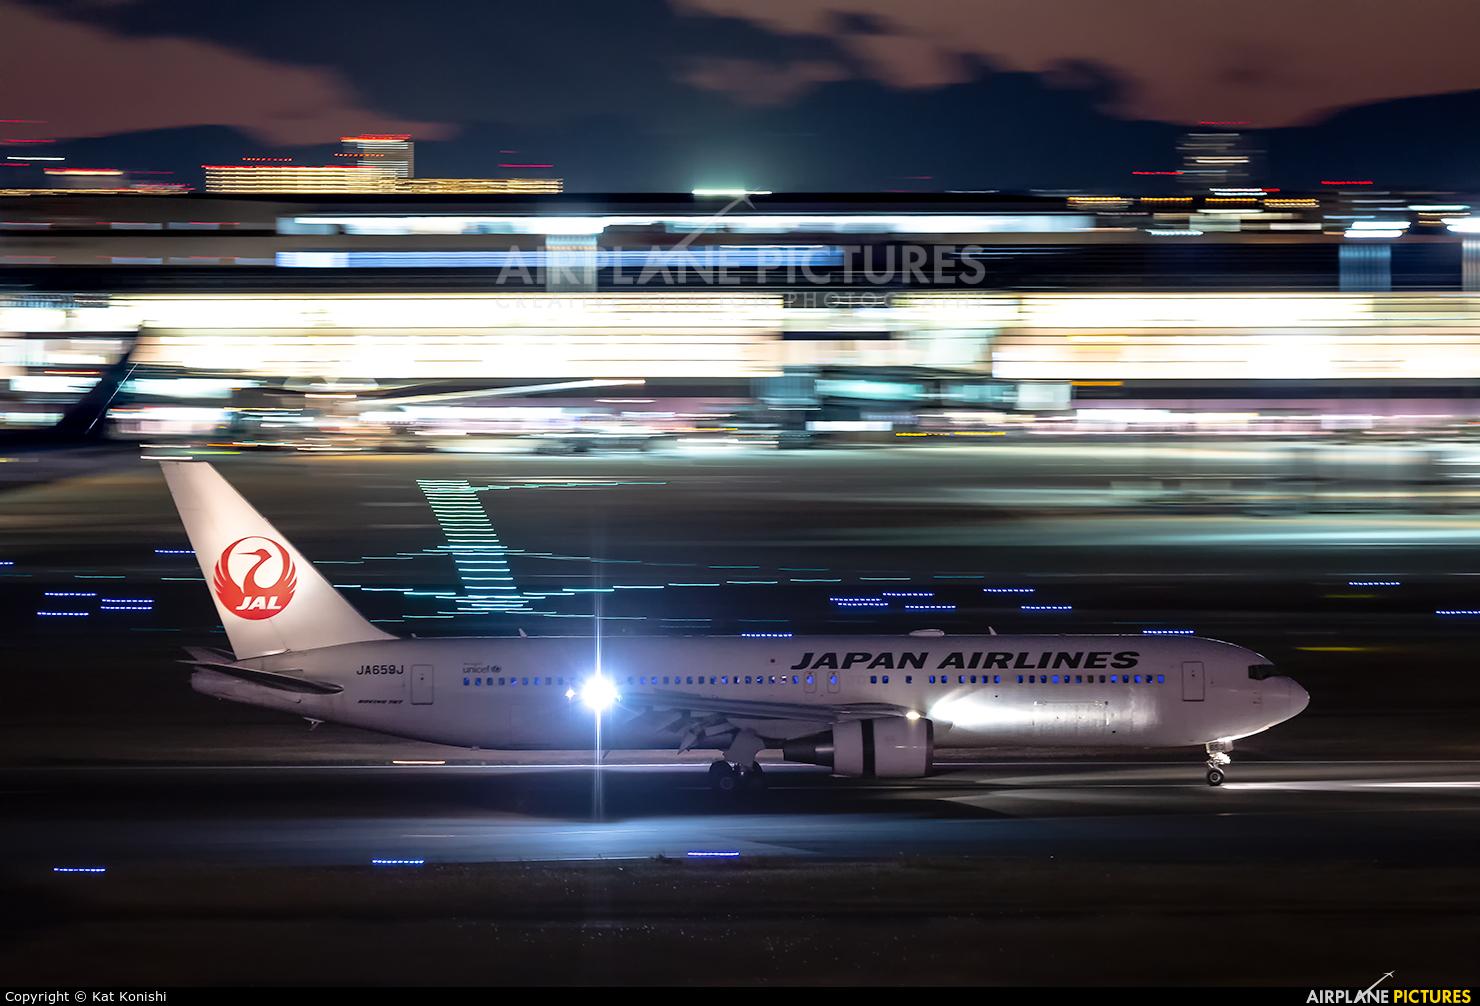 JAL - Japan Airlines JA659J aircraft at Tokyo - Haneda Intl